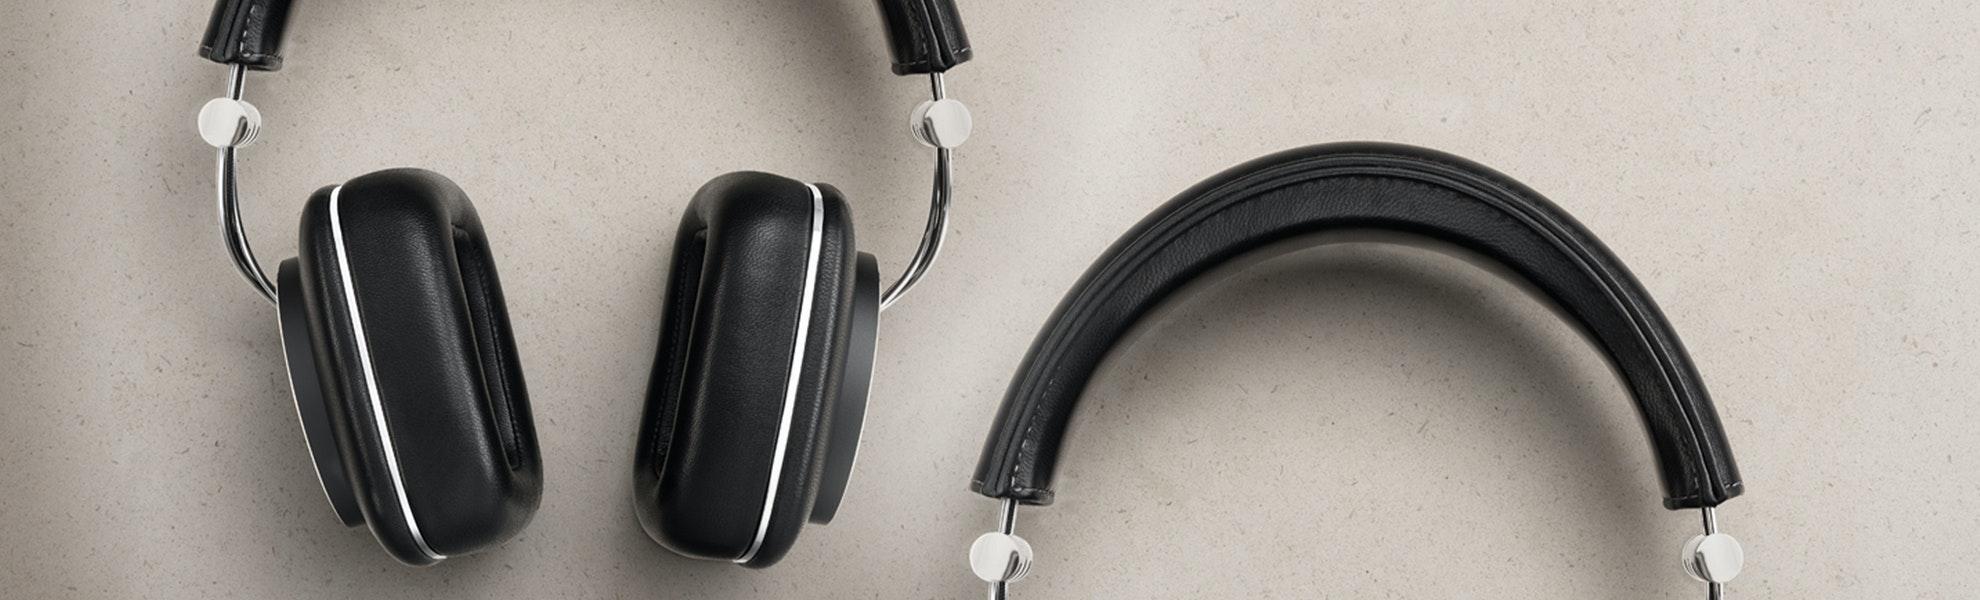 Bowers & Wilkins P7 Headphones